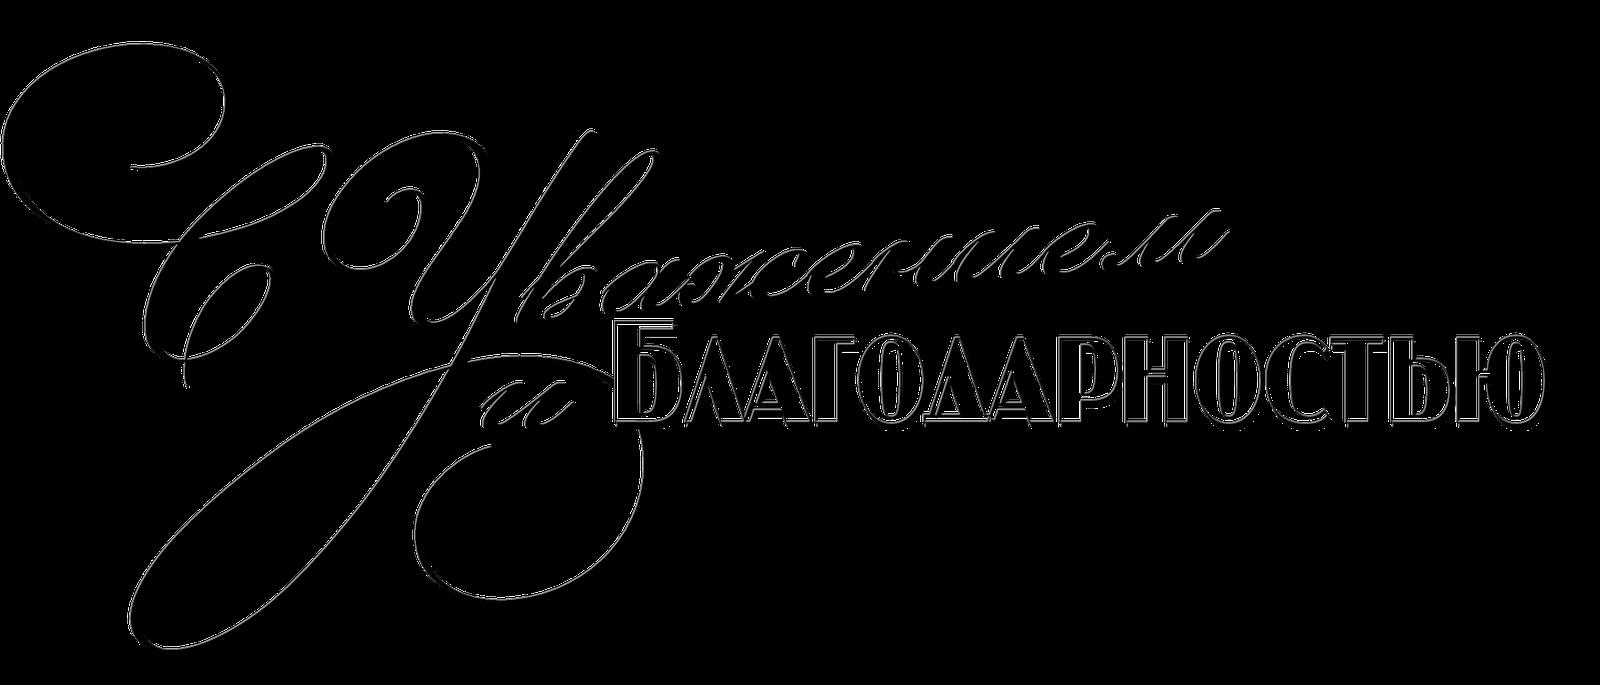 Надписи для открыток клипарт